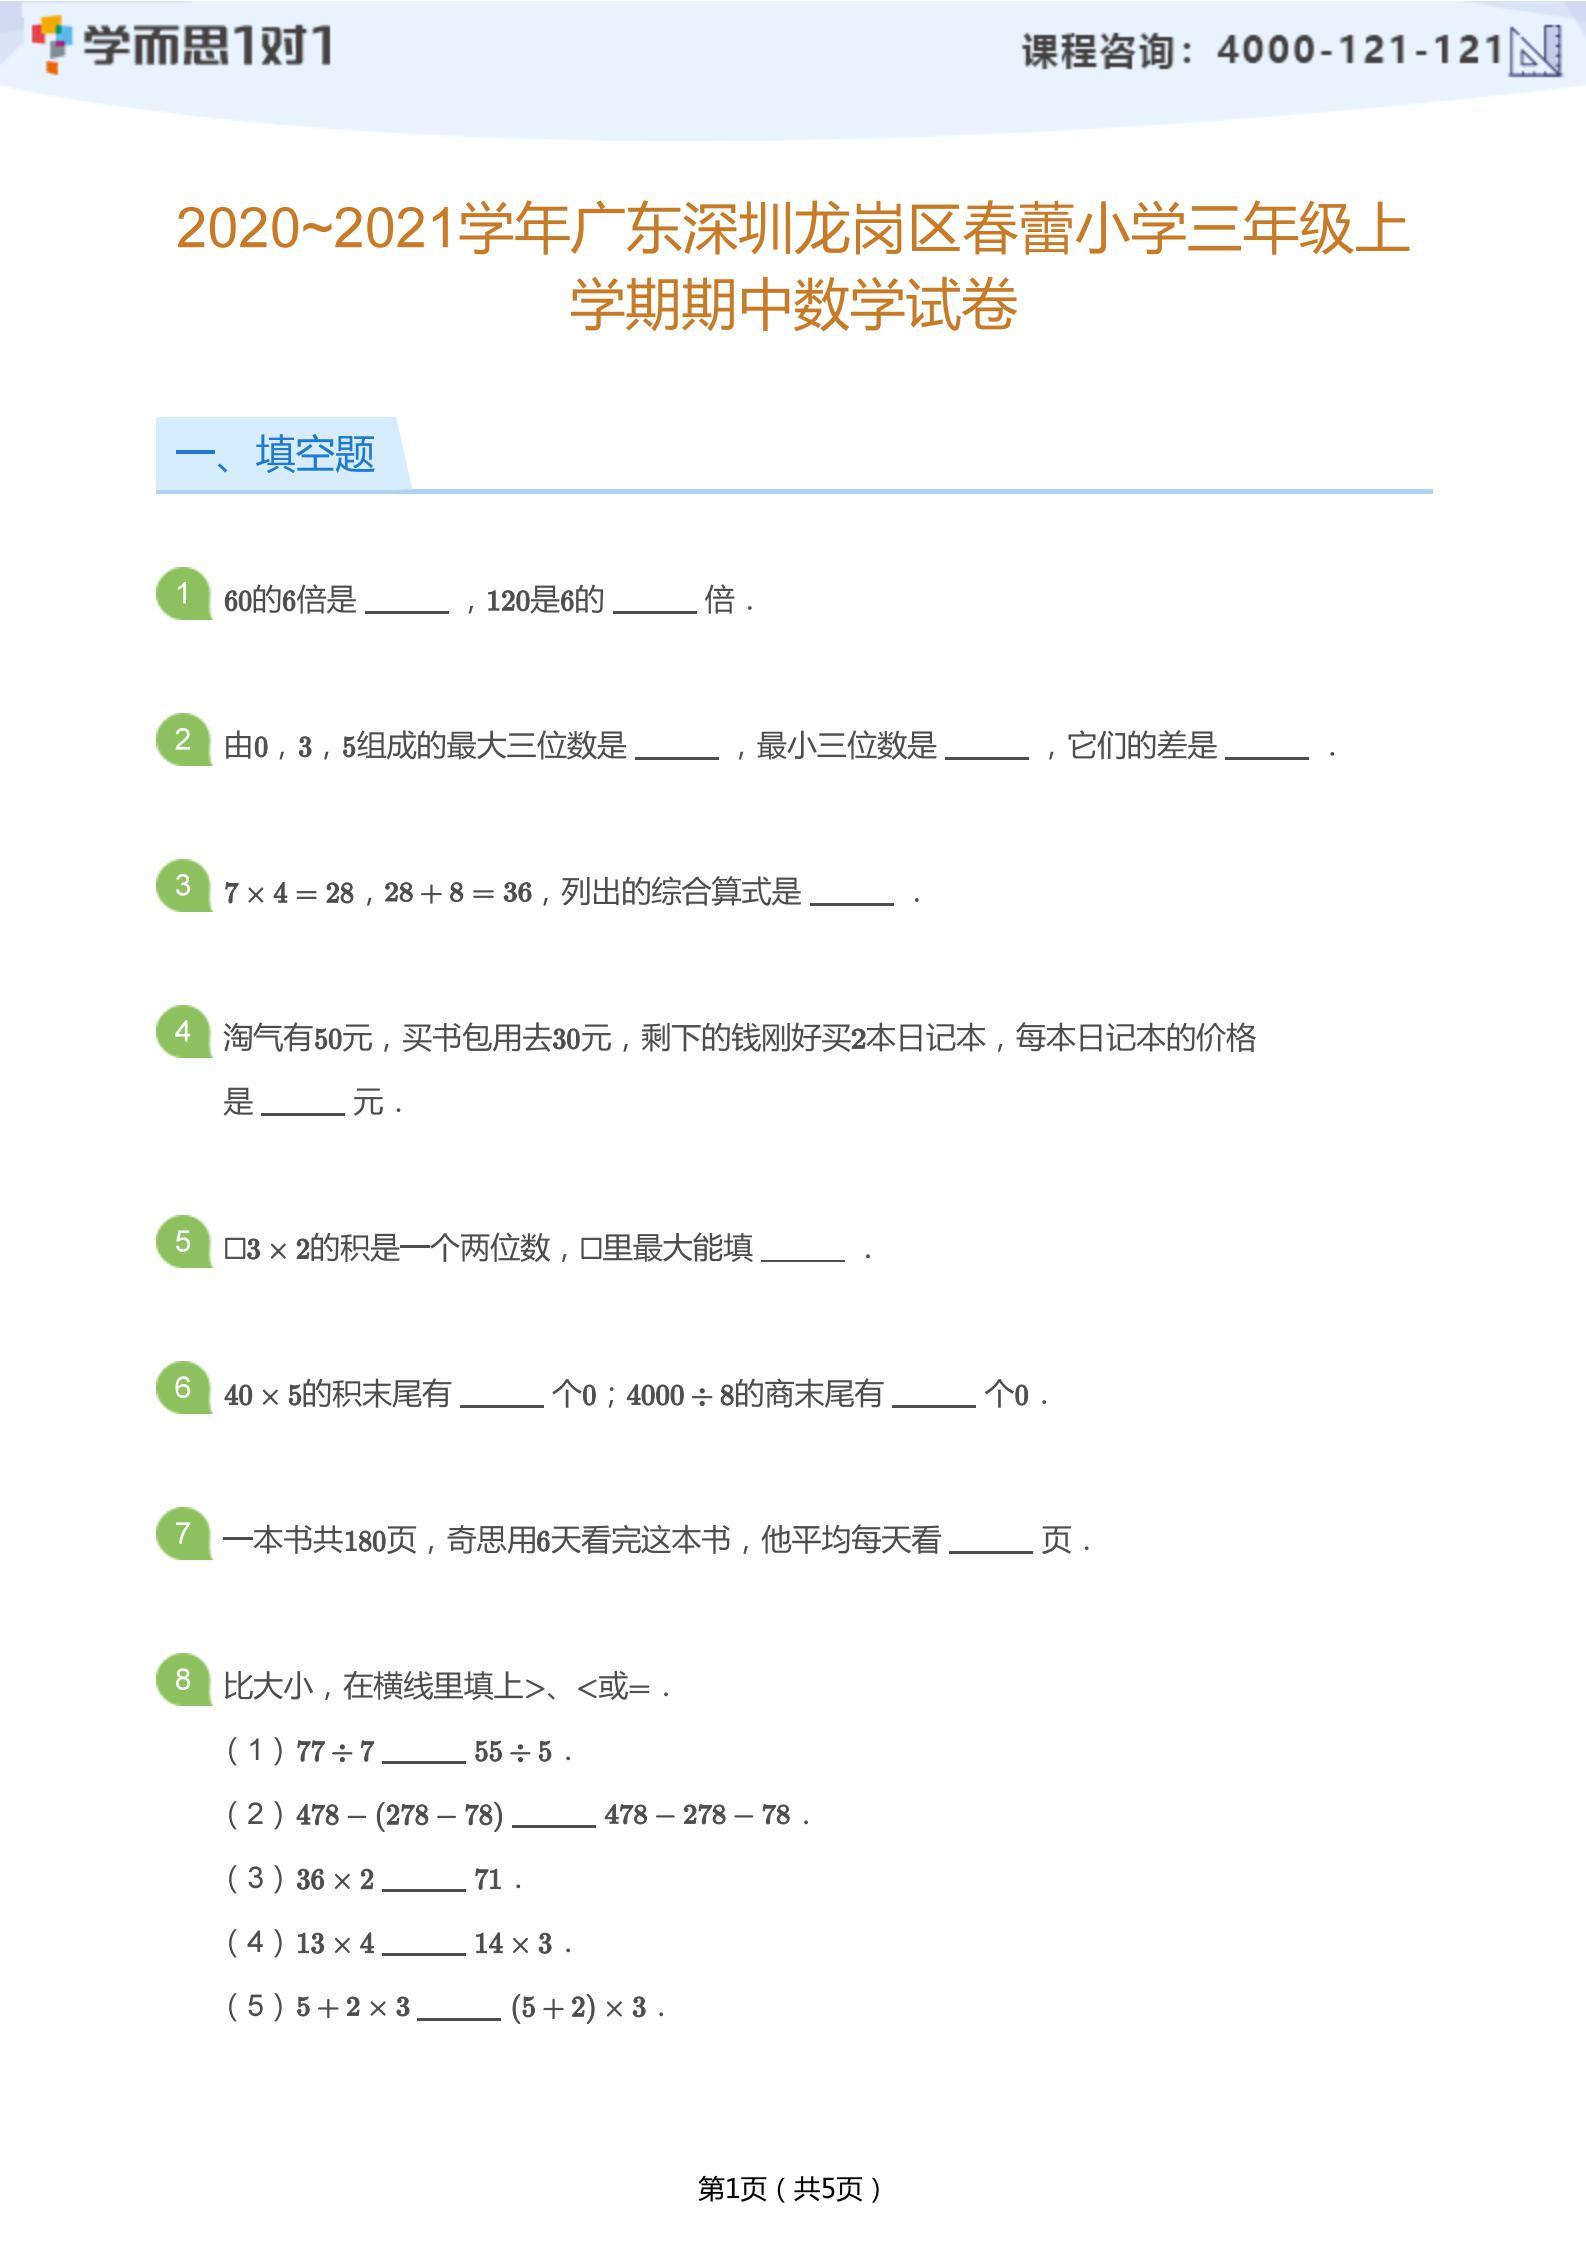 2020-2021学年深圳春蕾小学三年级上学期期中数学试题及答案